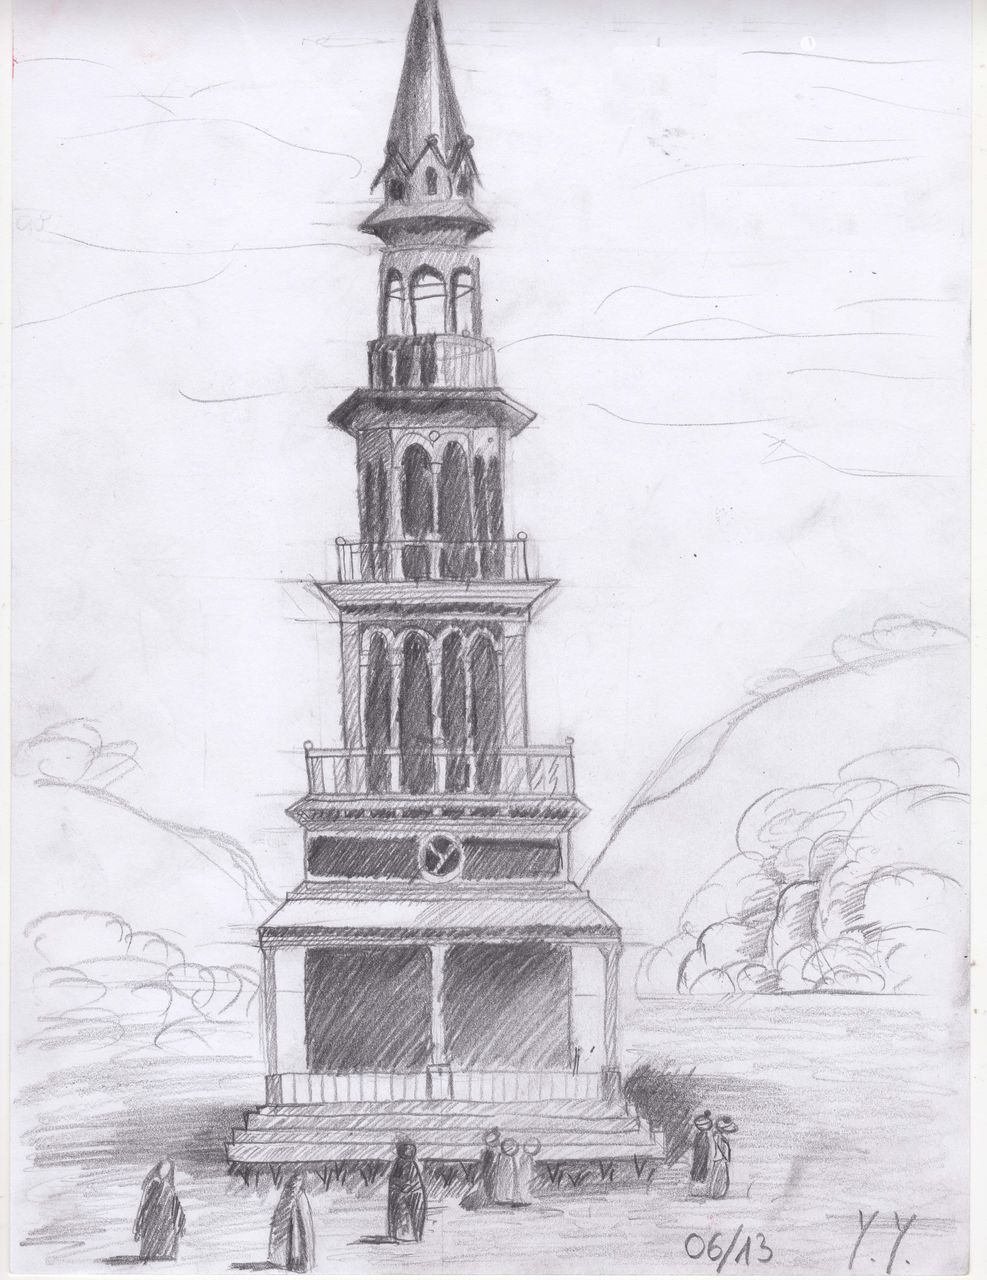 Bild zeichnungen architektur skizze von yeva bei kunstnet - Architektur skizze ...